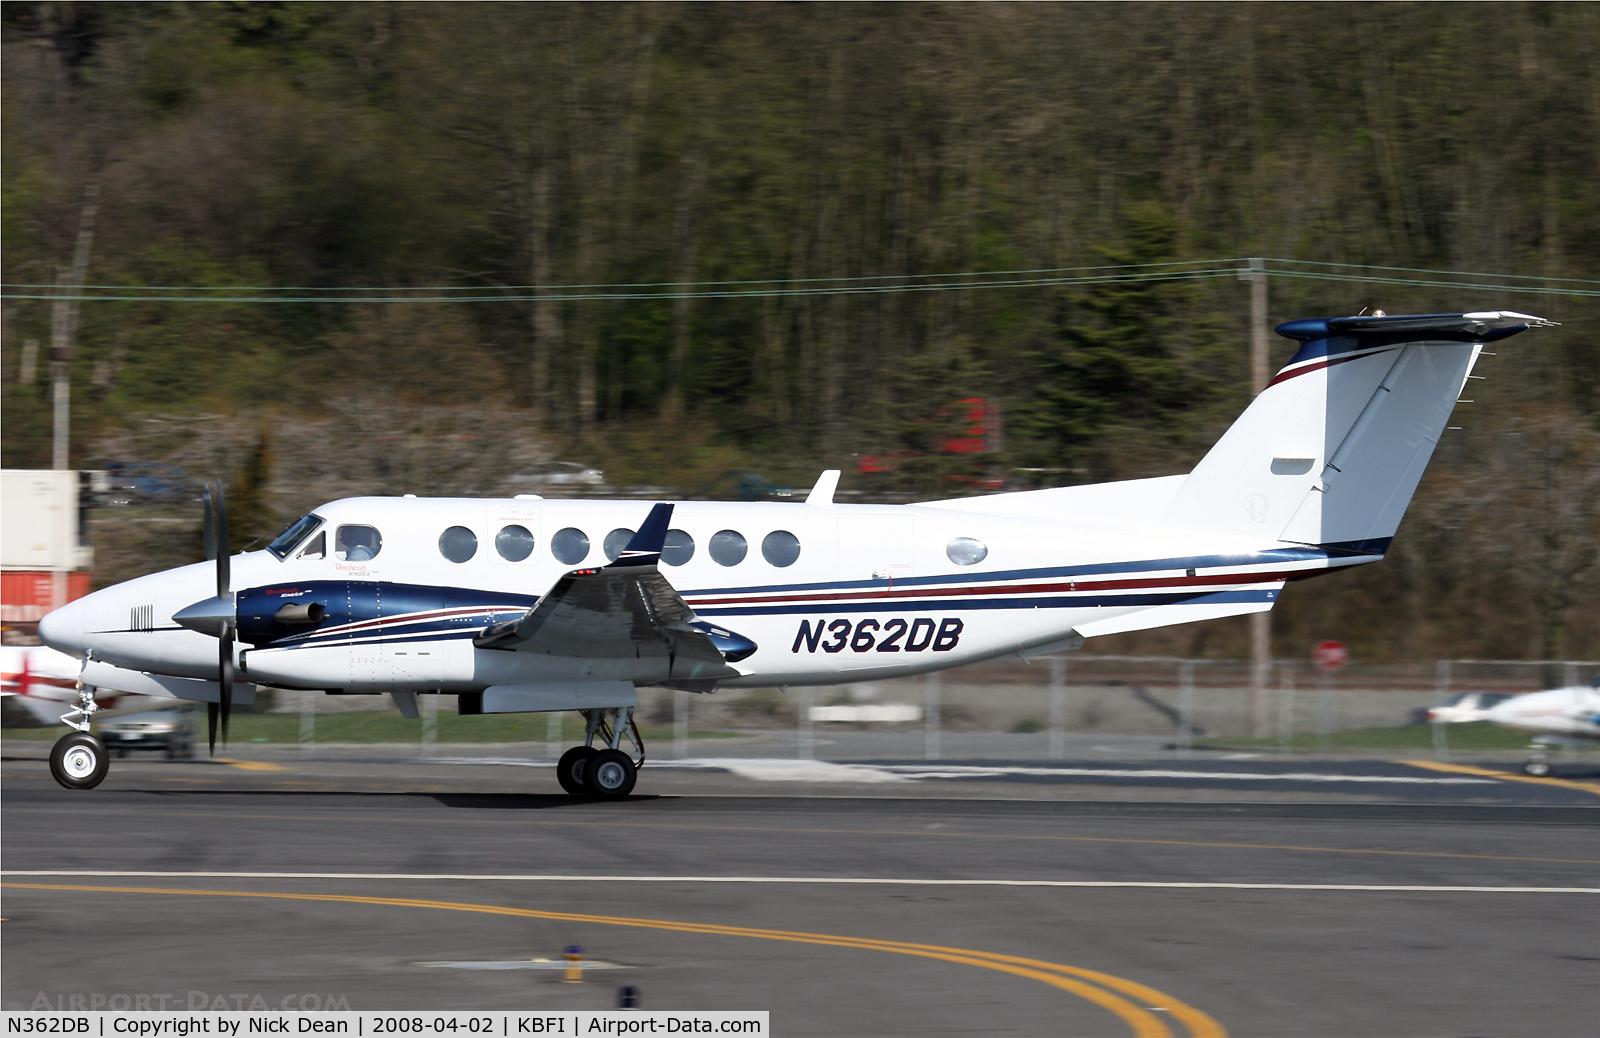 N362DB, 2007 Hawker Beechcraft 350 King Air (B300) C/N FL-571, KBFI